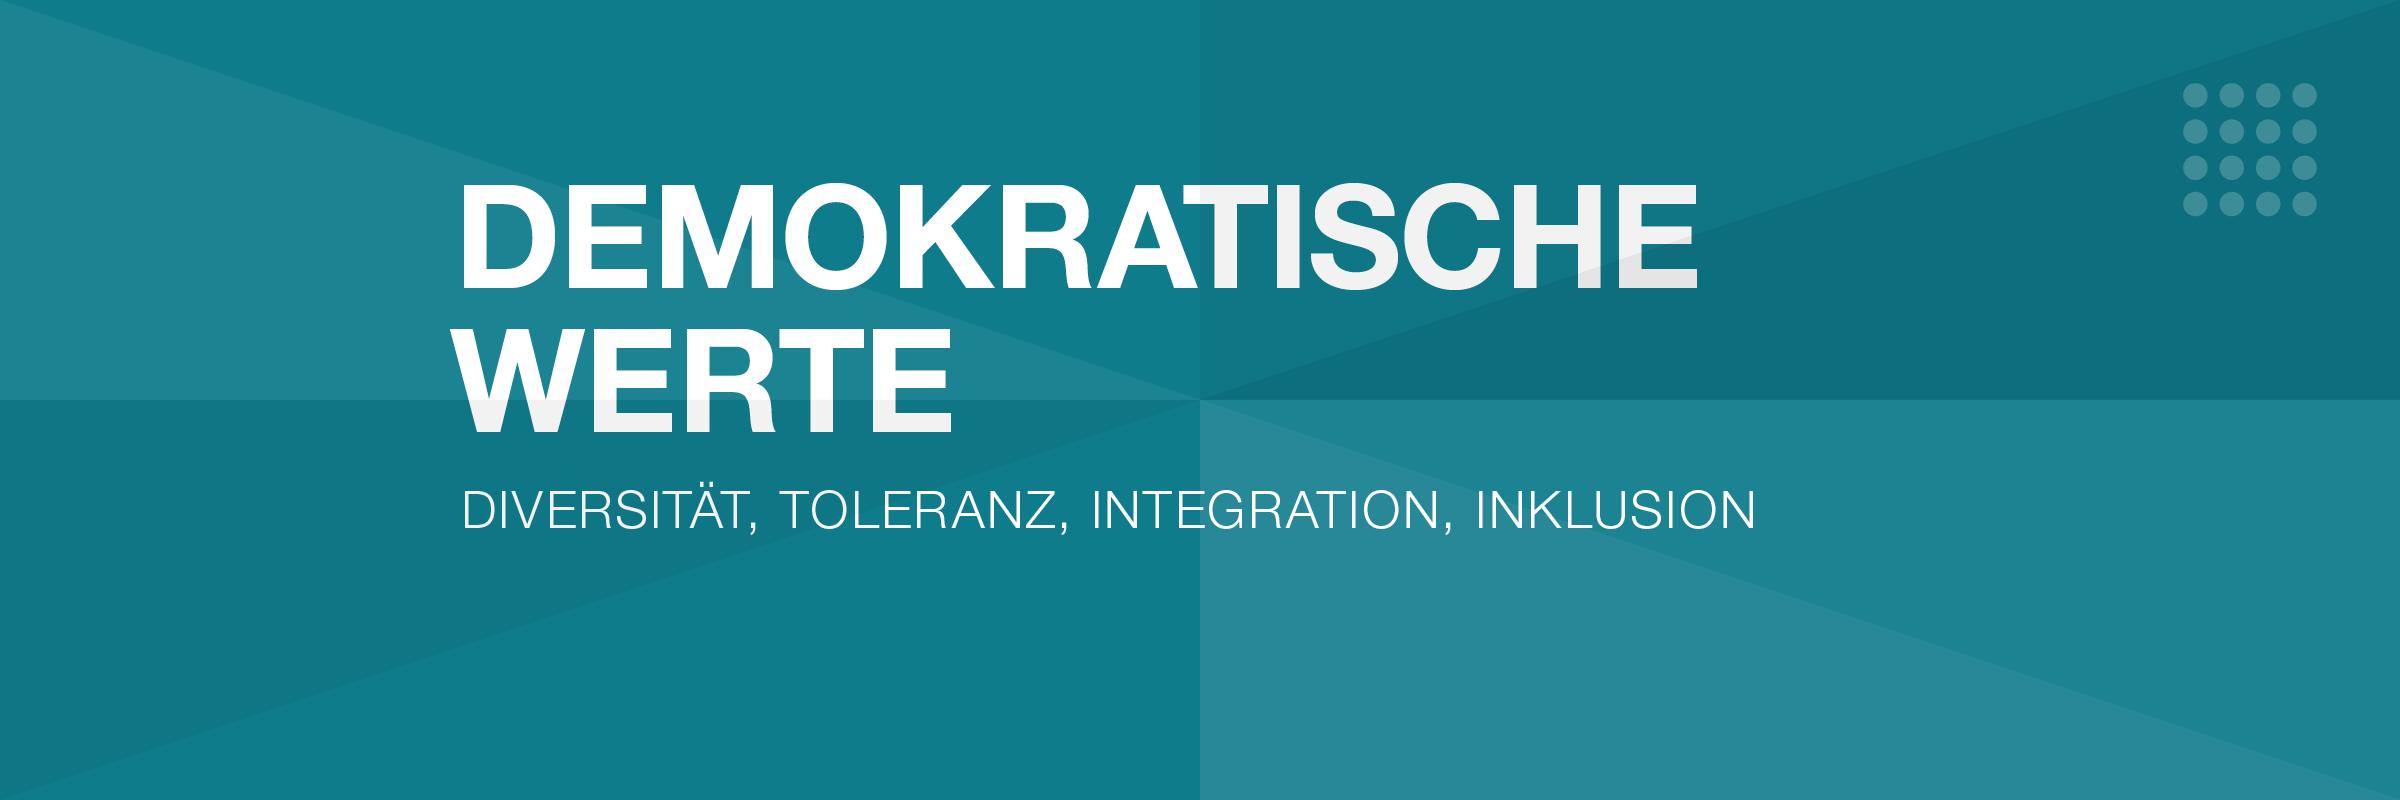 Demokratische Werte - Diversität, Toleranz, Integration, Inklusion